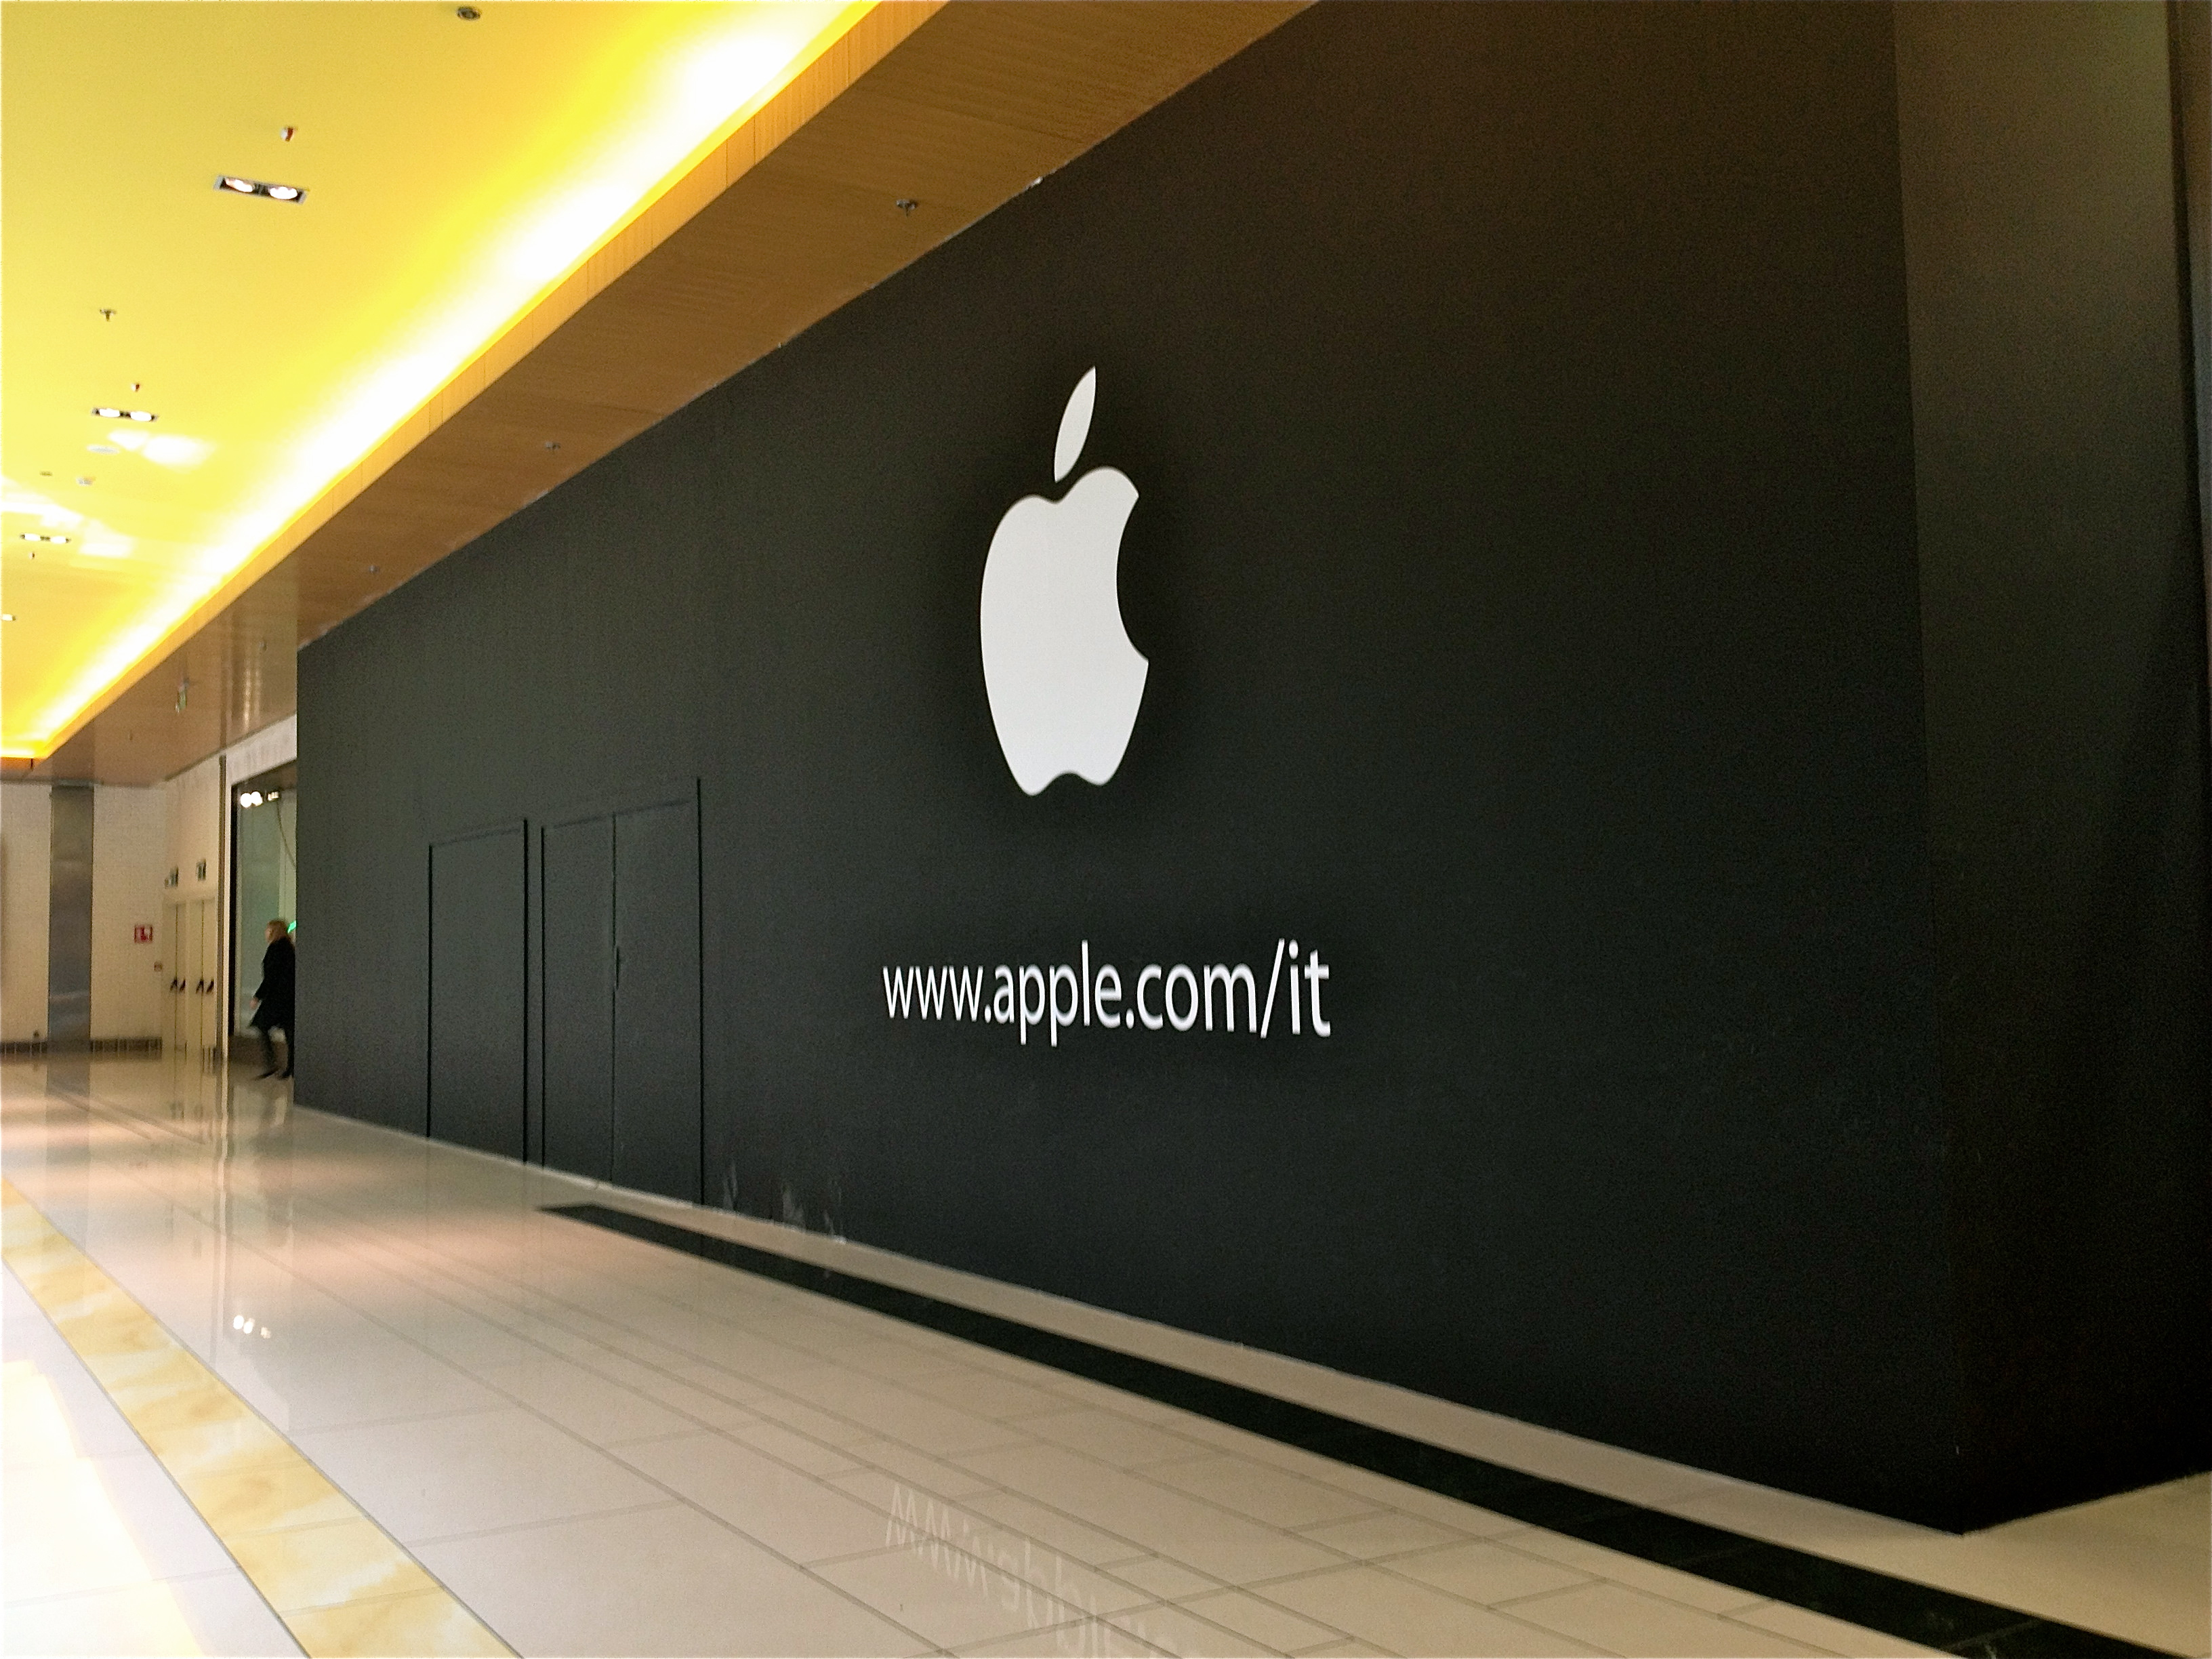 Apple Store Porta di Roma - Prime foto con il logo fuori dal cantiere